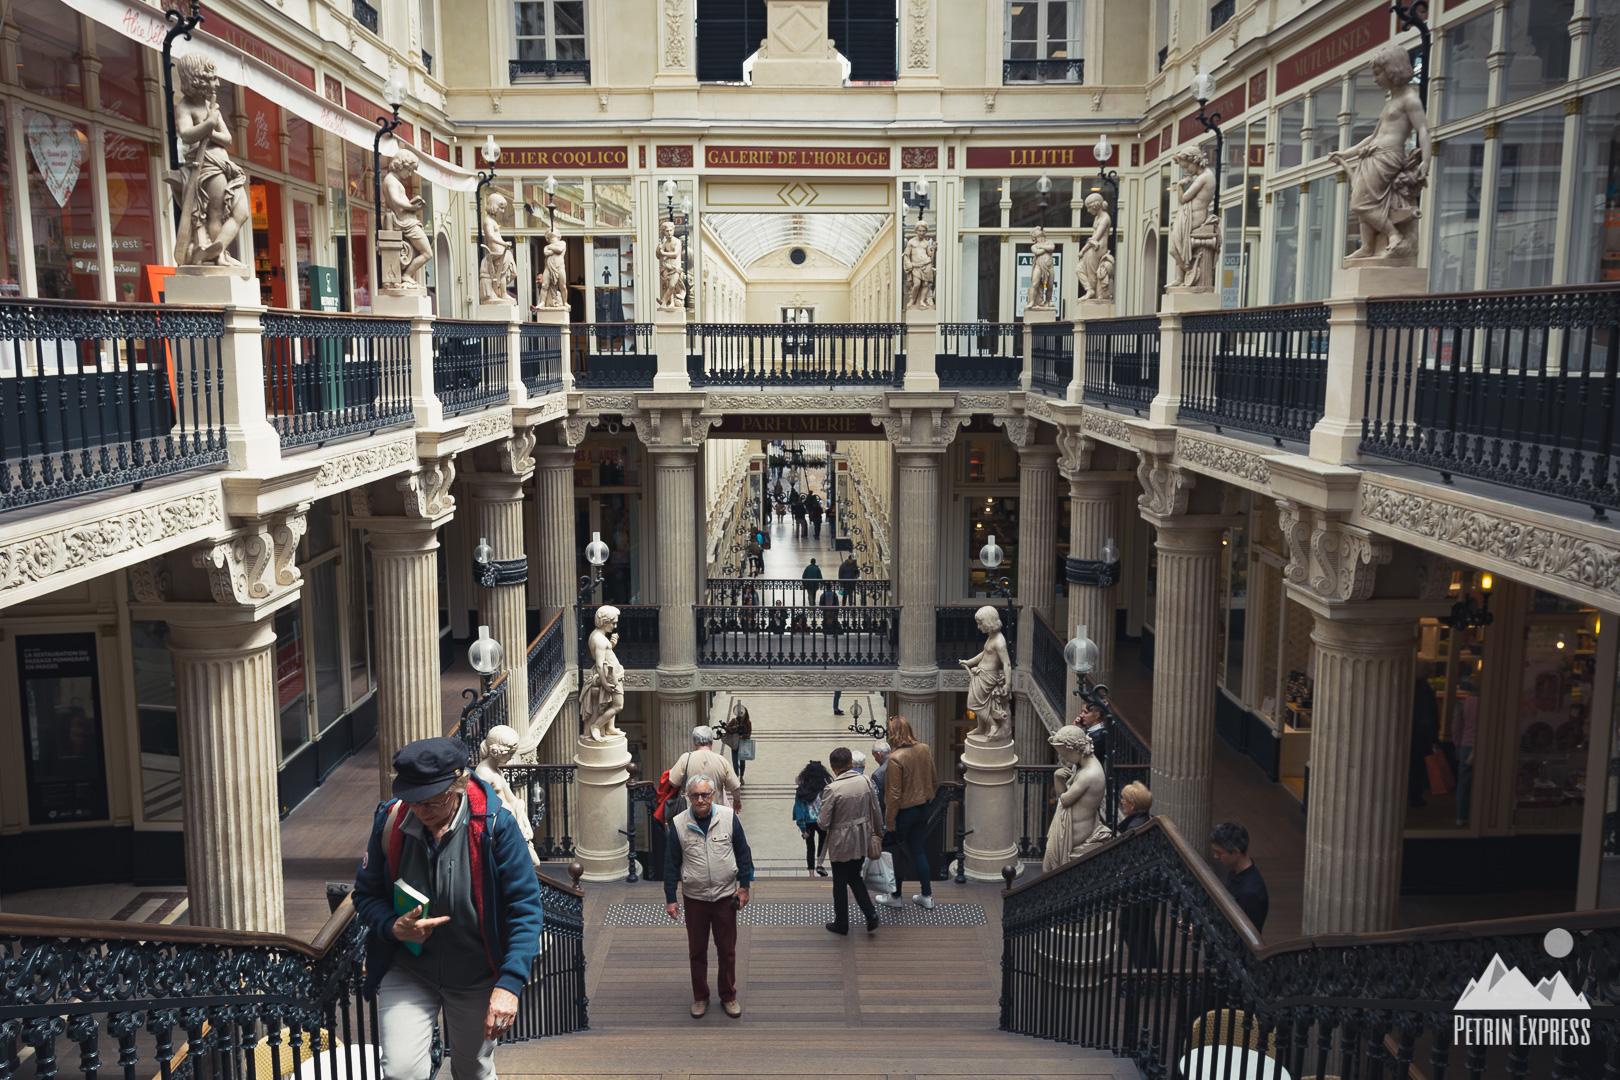 Le passage Pommeraye, galerie commerciale de son état, est aussi particulièrement agréable à regarder.